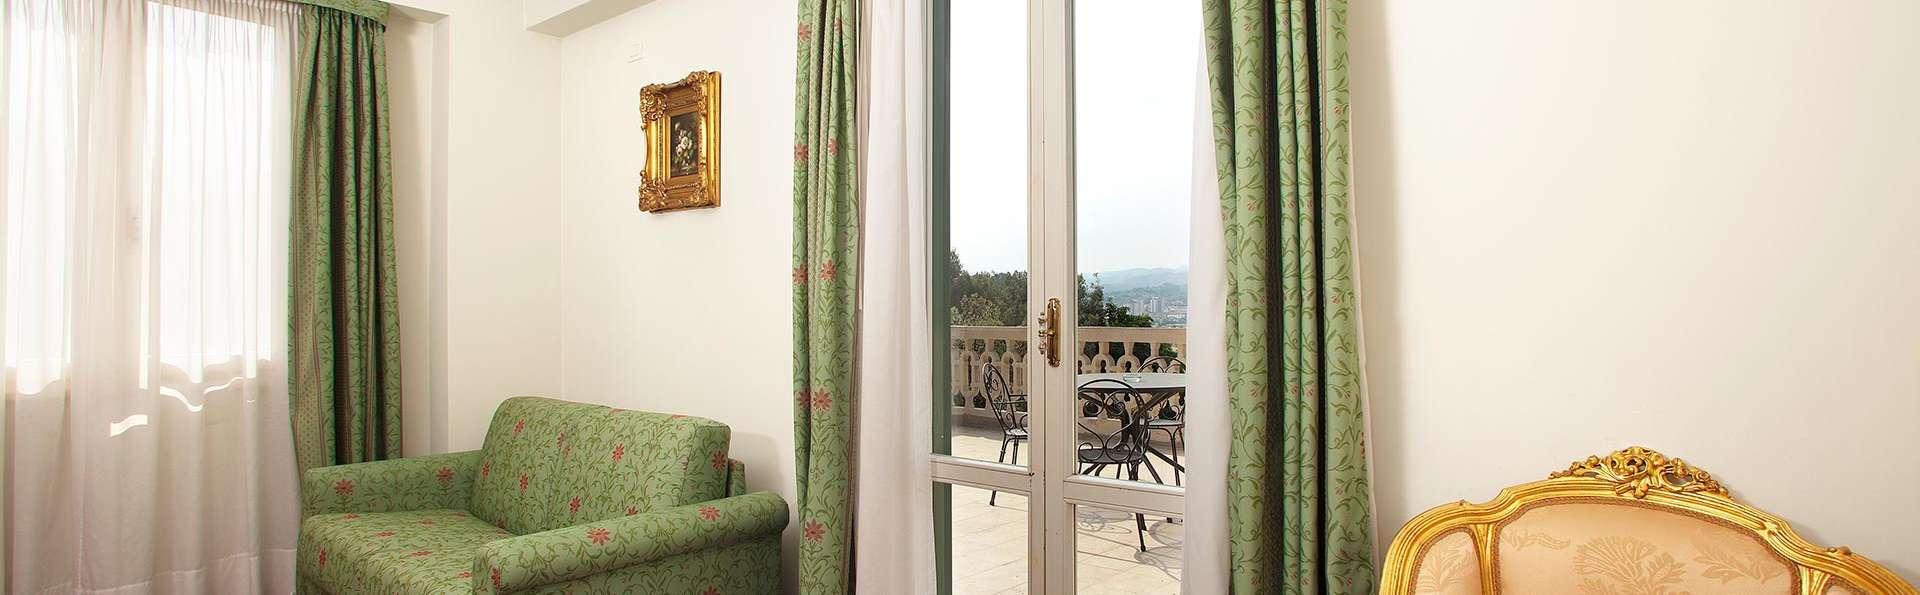 Hotel Villa Pigna - EDIT_NEW_ROOM_03.jpg